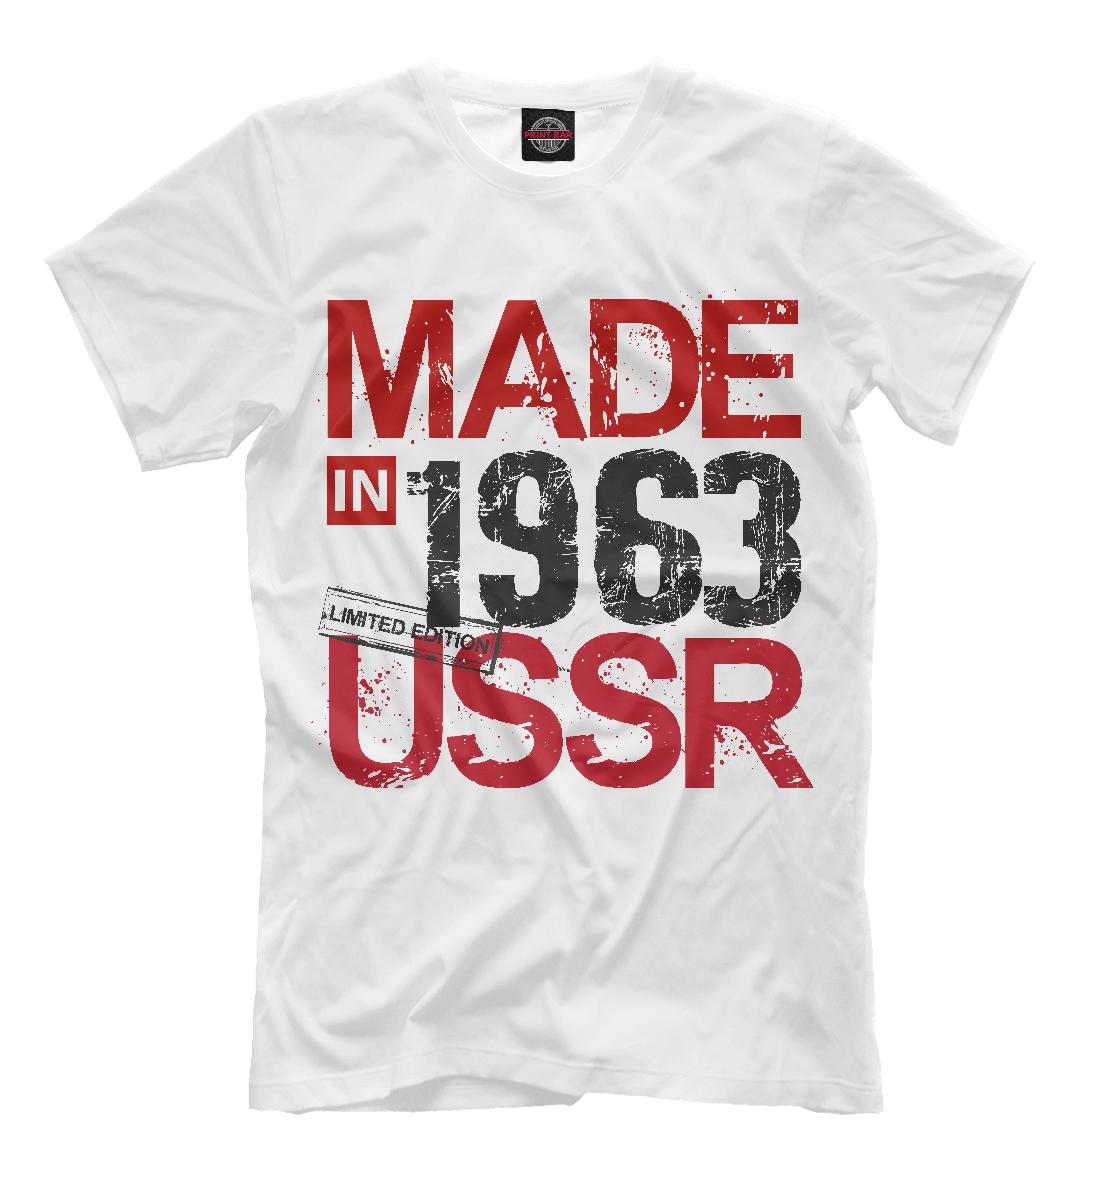 Made in USSR 1963, Printbar, Футболки, DHT-454010-fut-2  - купить со скидкой